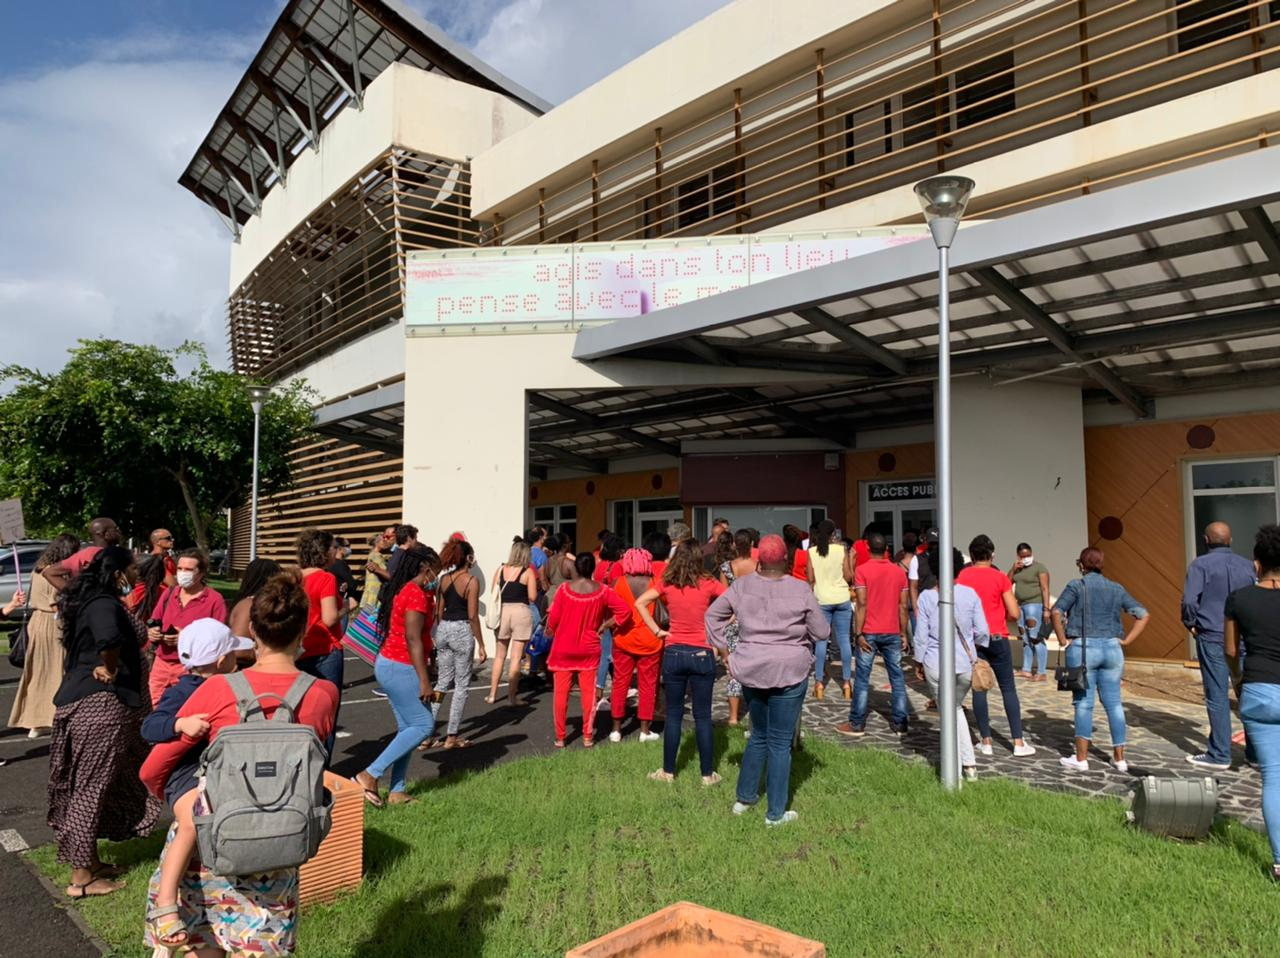 Port du masque à l'école : des parents d'élèves mobilisés devant le Rectorat